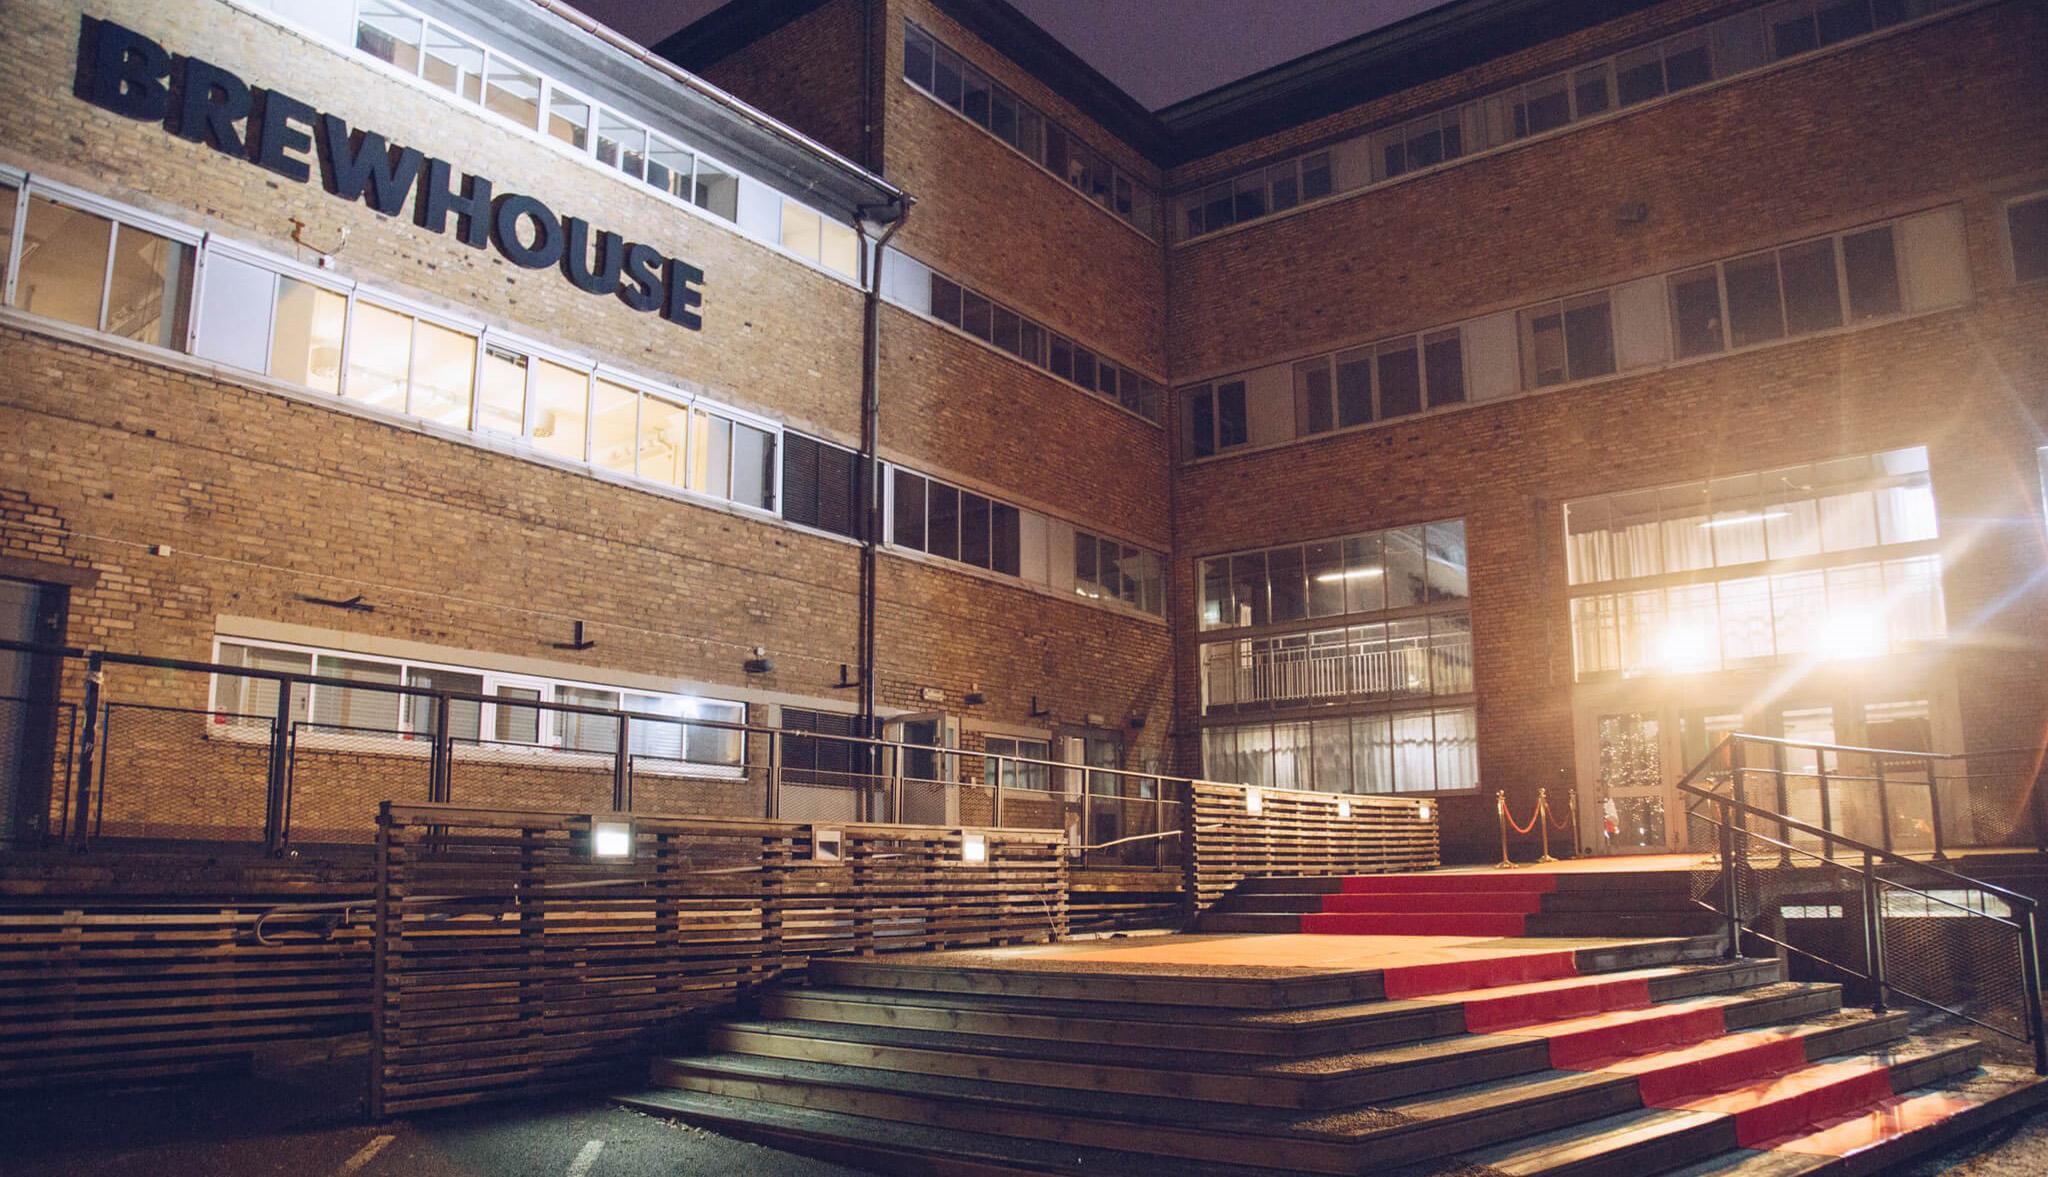 Brewhouse är också en arena och samlingsplats där kontakter knyts, där relationer och samarbeten skapas, vilket är otroligt viktigt för att branschen ska kunna växa, säger Eva-Lena Albihn, vice VD på Business Region Göteborg och styrelseordförande i Brewhouse.